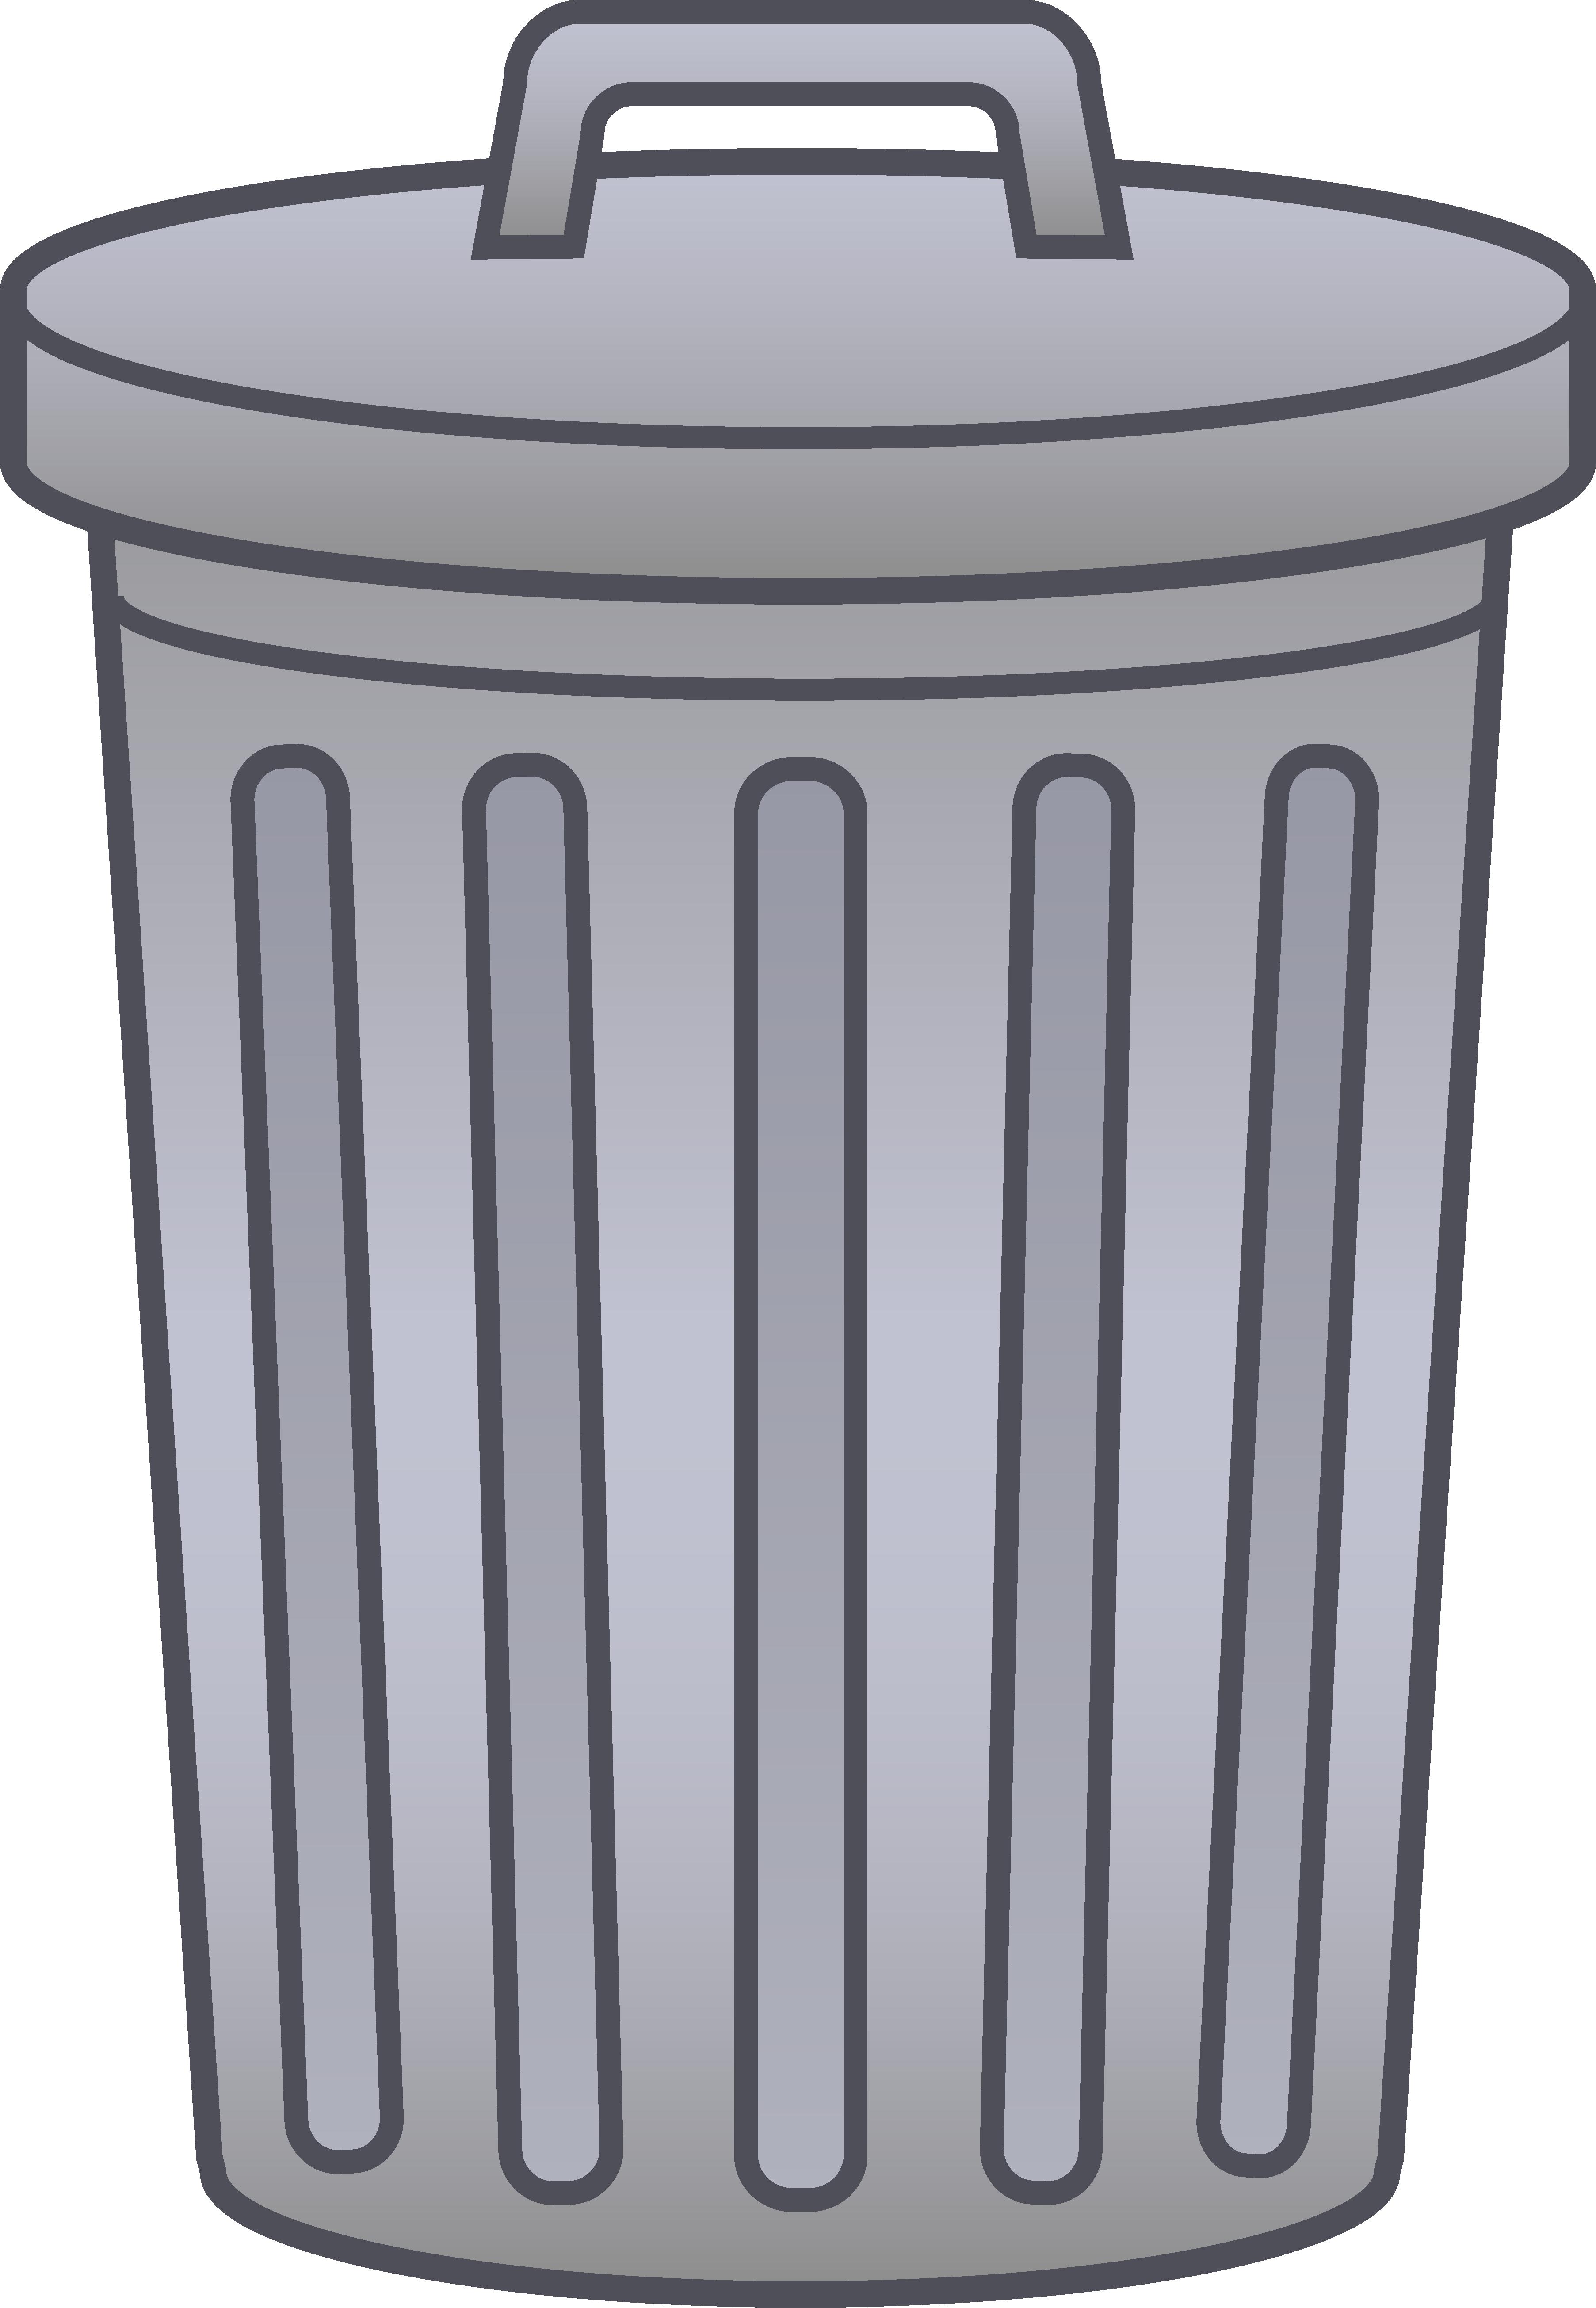 Trash bin clip art.